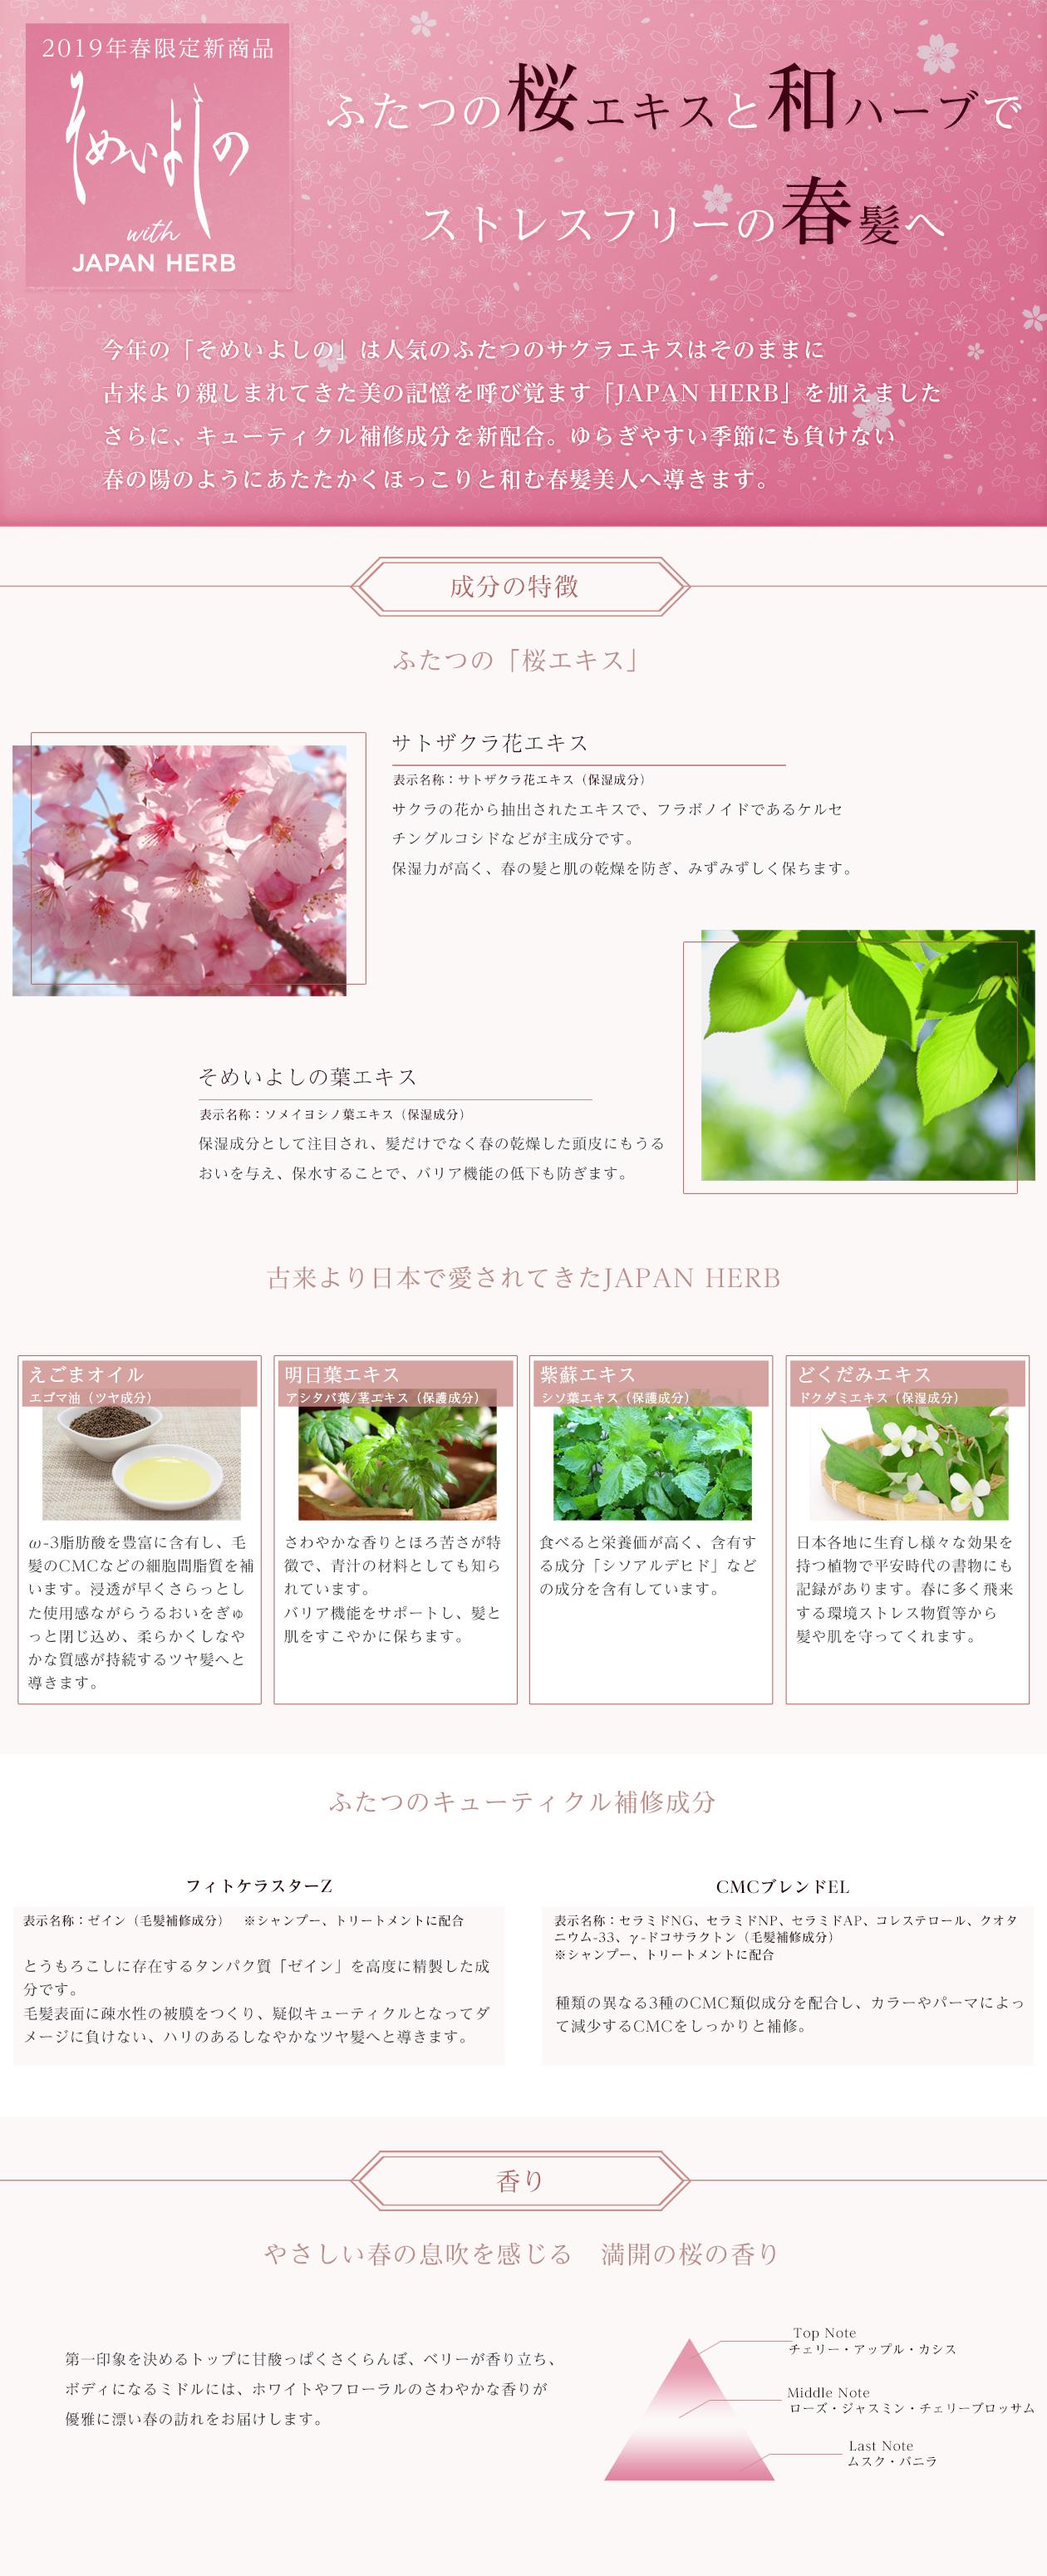 春季限定商品